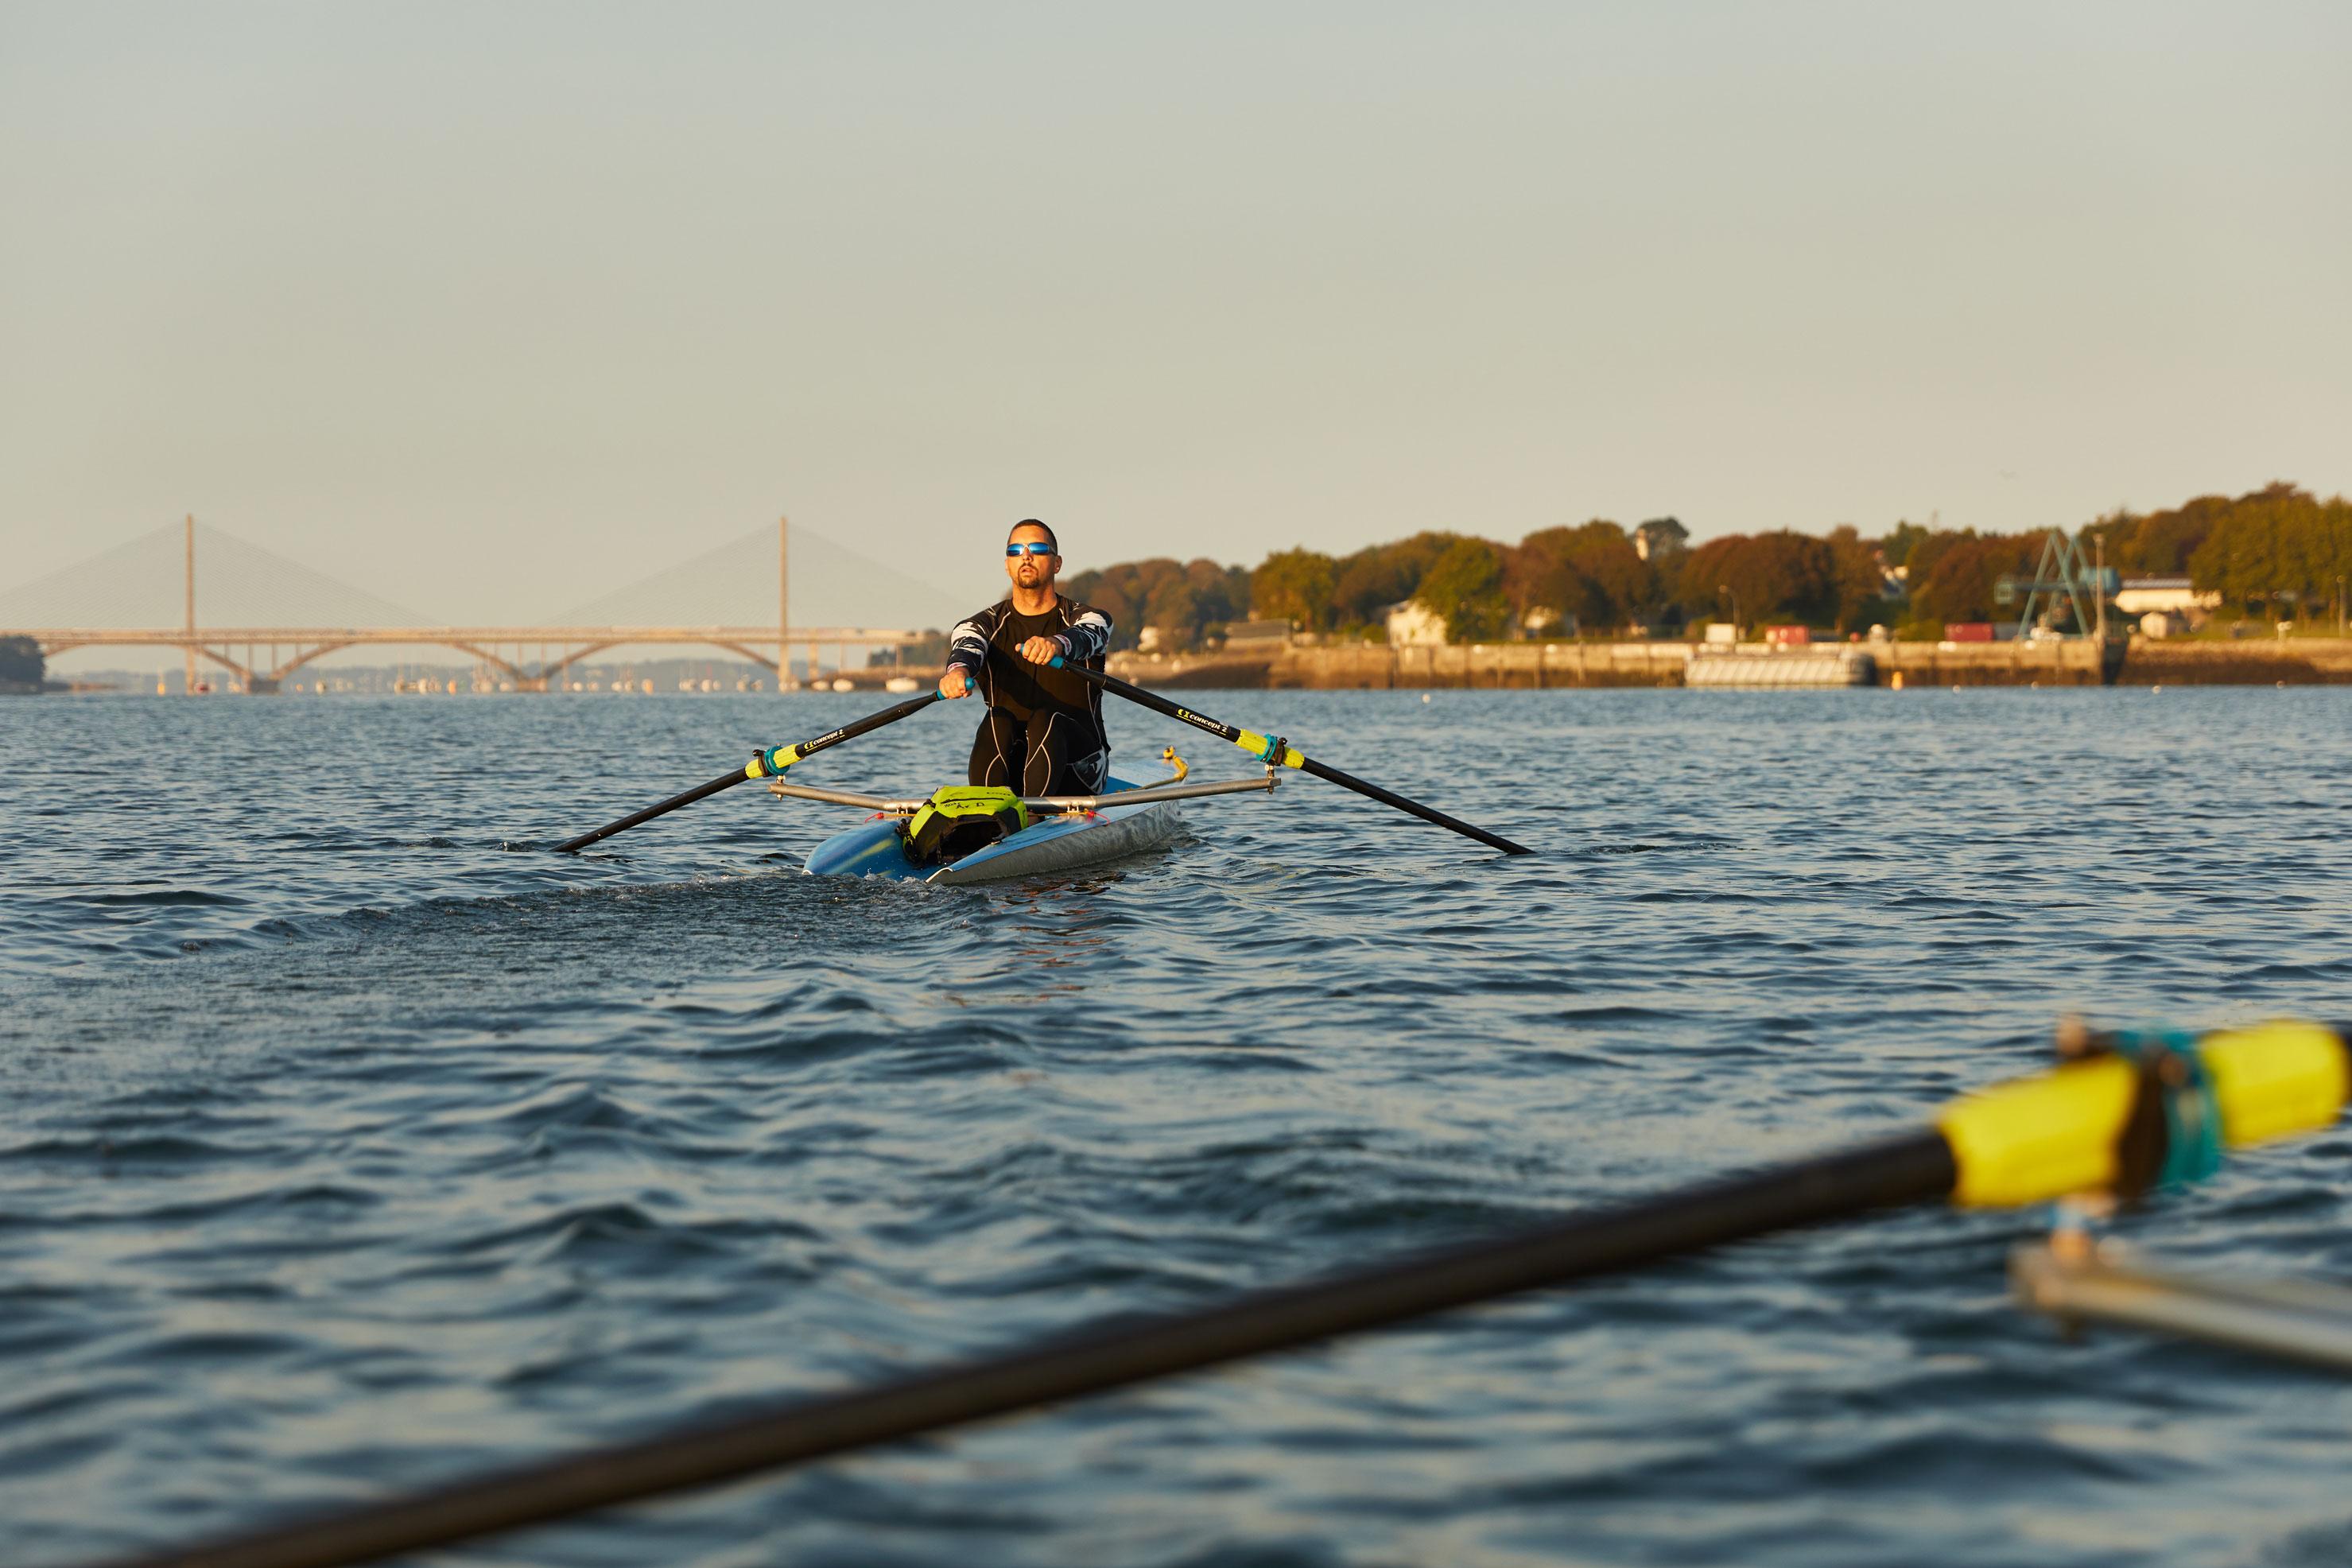 photographe sport nautique brest